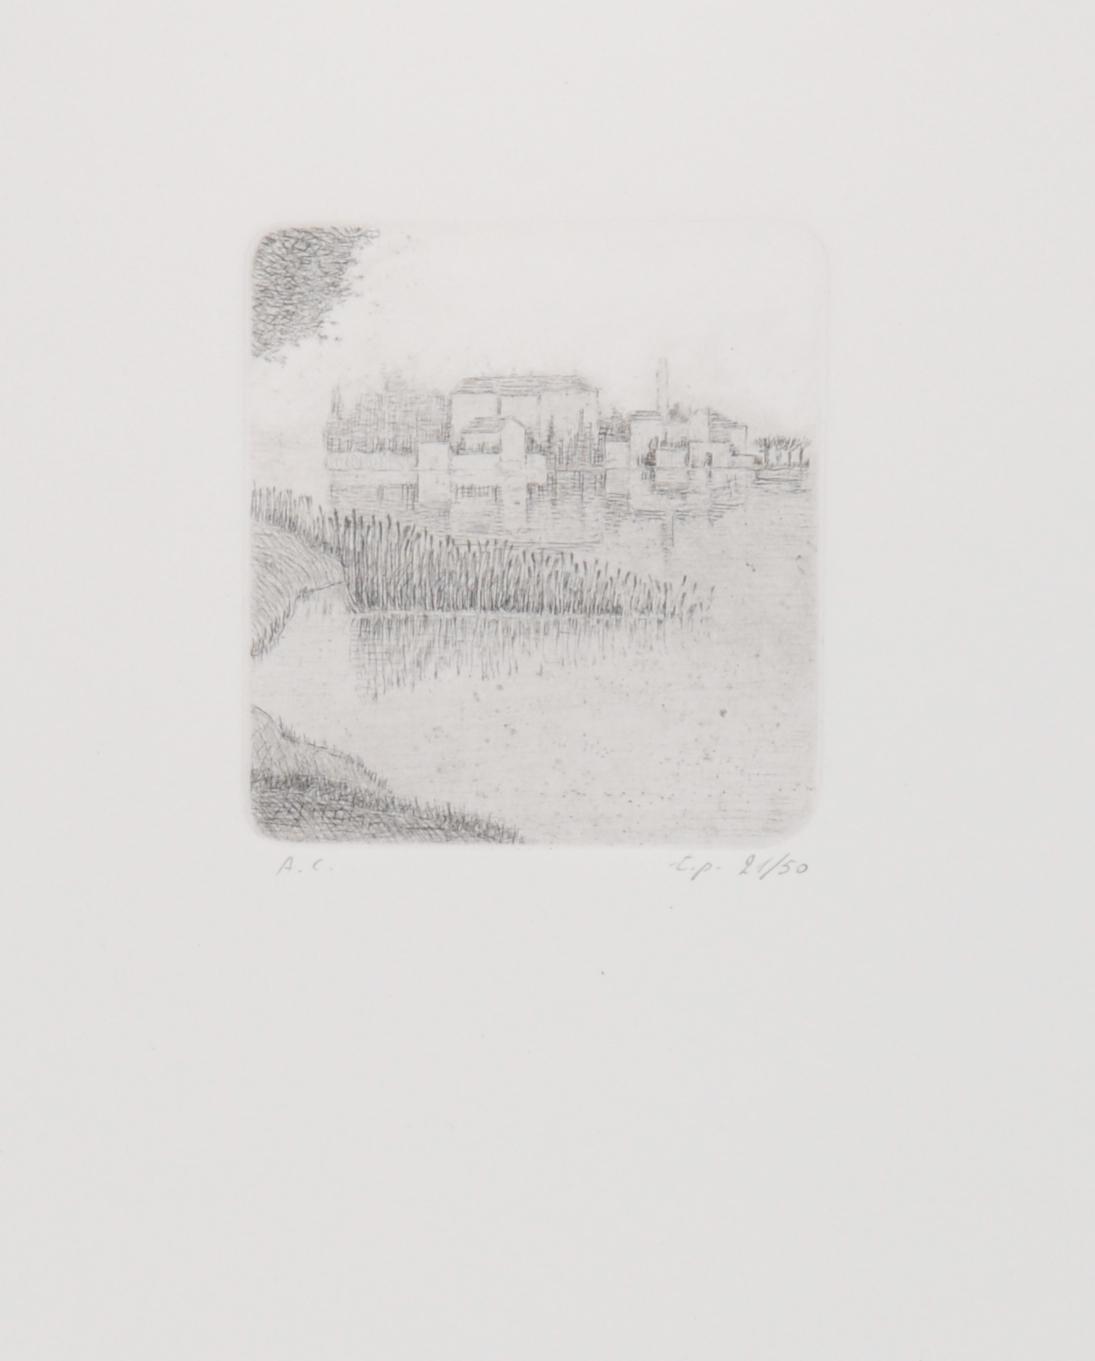 Calderara Antonio, 7 sheets: Il fante, 1933; Il vicolo, 1935; Nevicata, 1935; L'Isola, 1936; Orta, 1936; Paesaggio Invernale, 1936; Lui et Lei, 1958